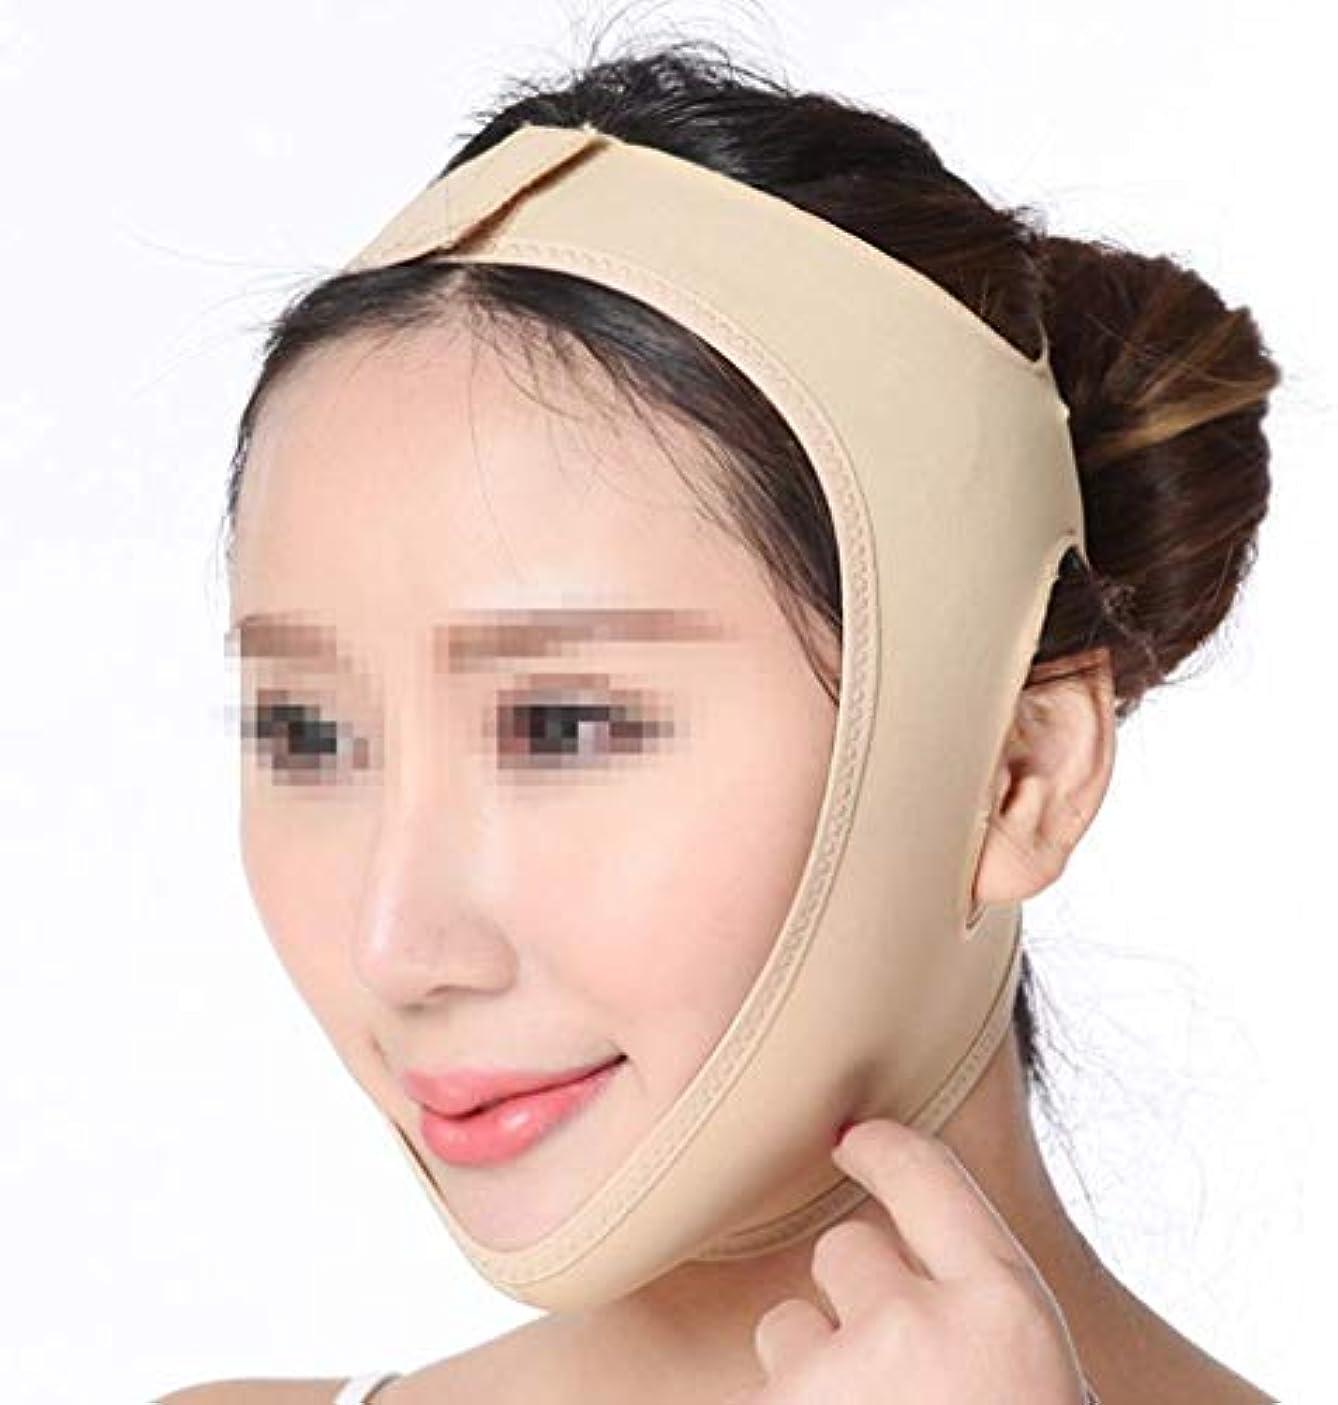 ガム無限大ほとんどない美容と実用的なフェイスリフティング包帯、Vフェイスシンフェイスマスクフェイスリフティング包帯リフティングVフェイスマスク(サイズ:S)